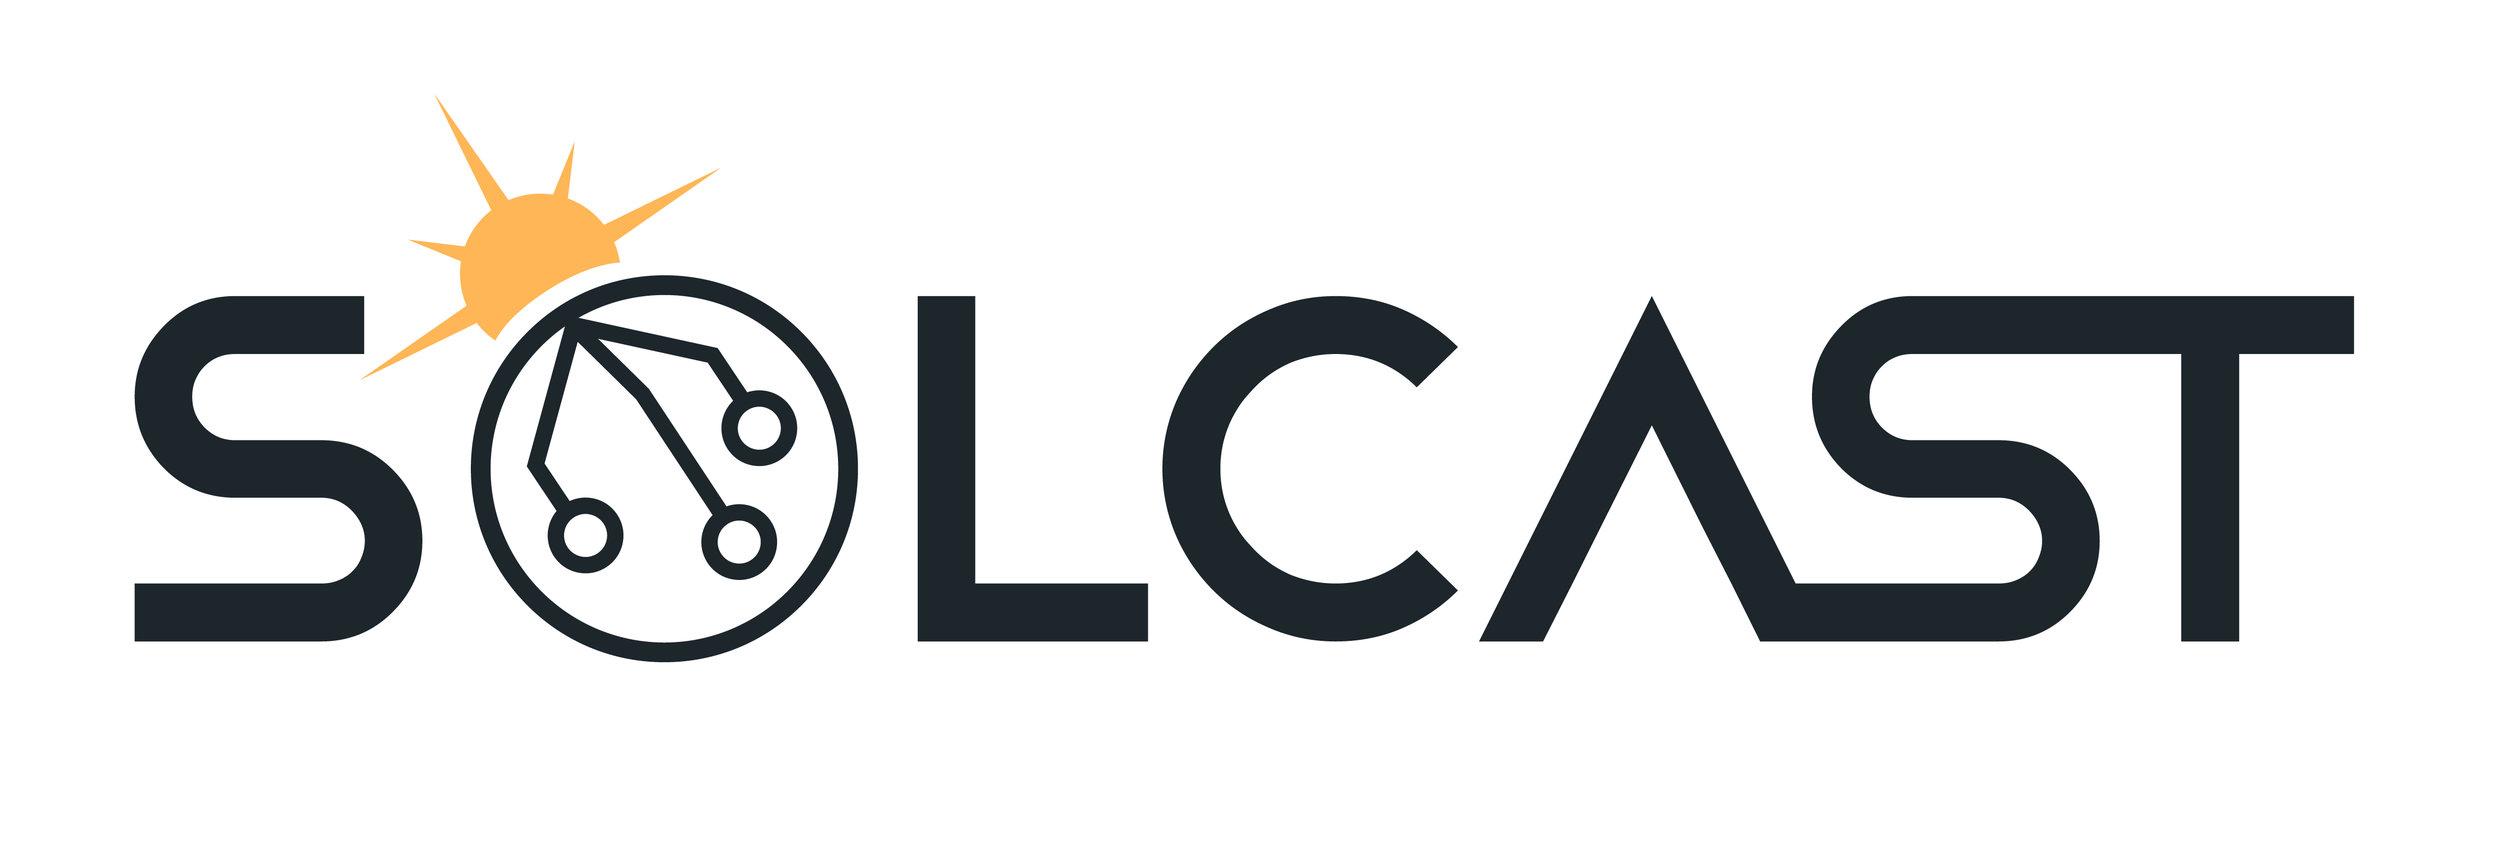 solcast_logo.jpg